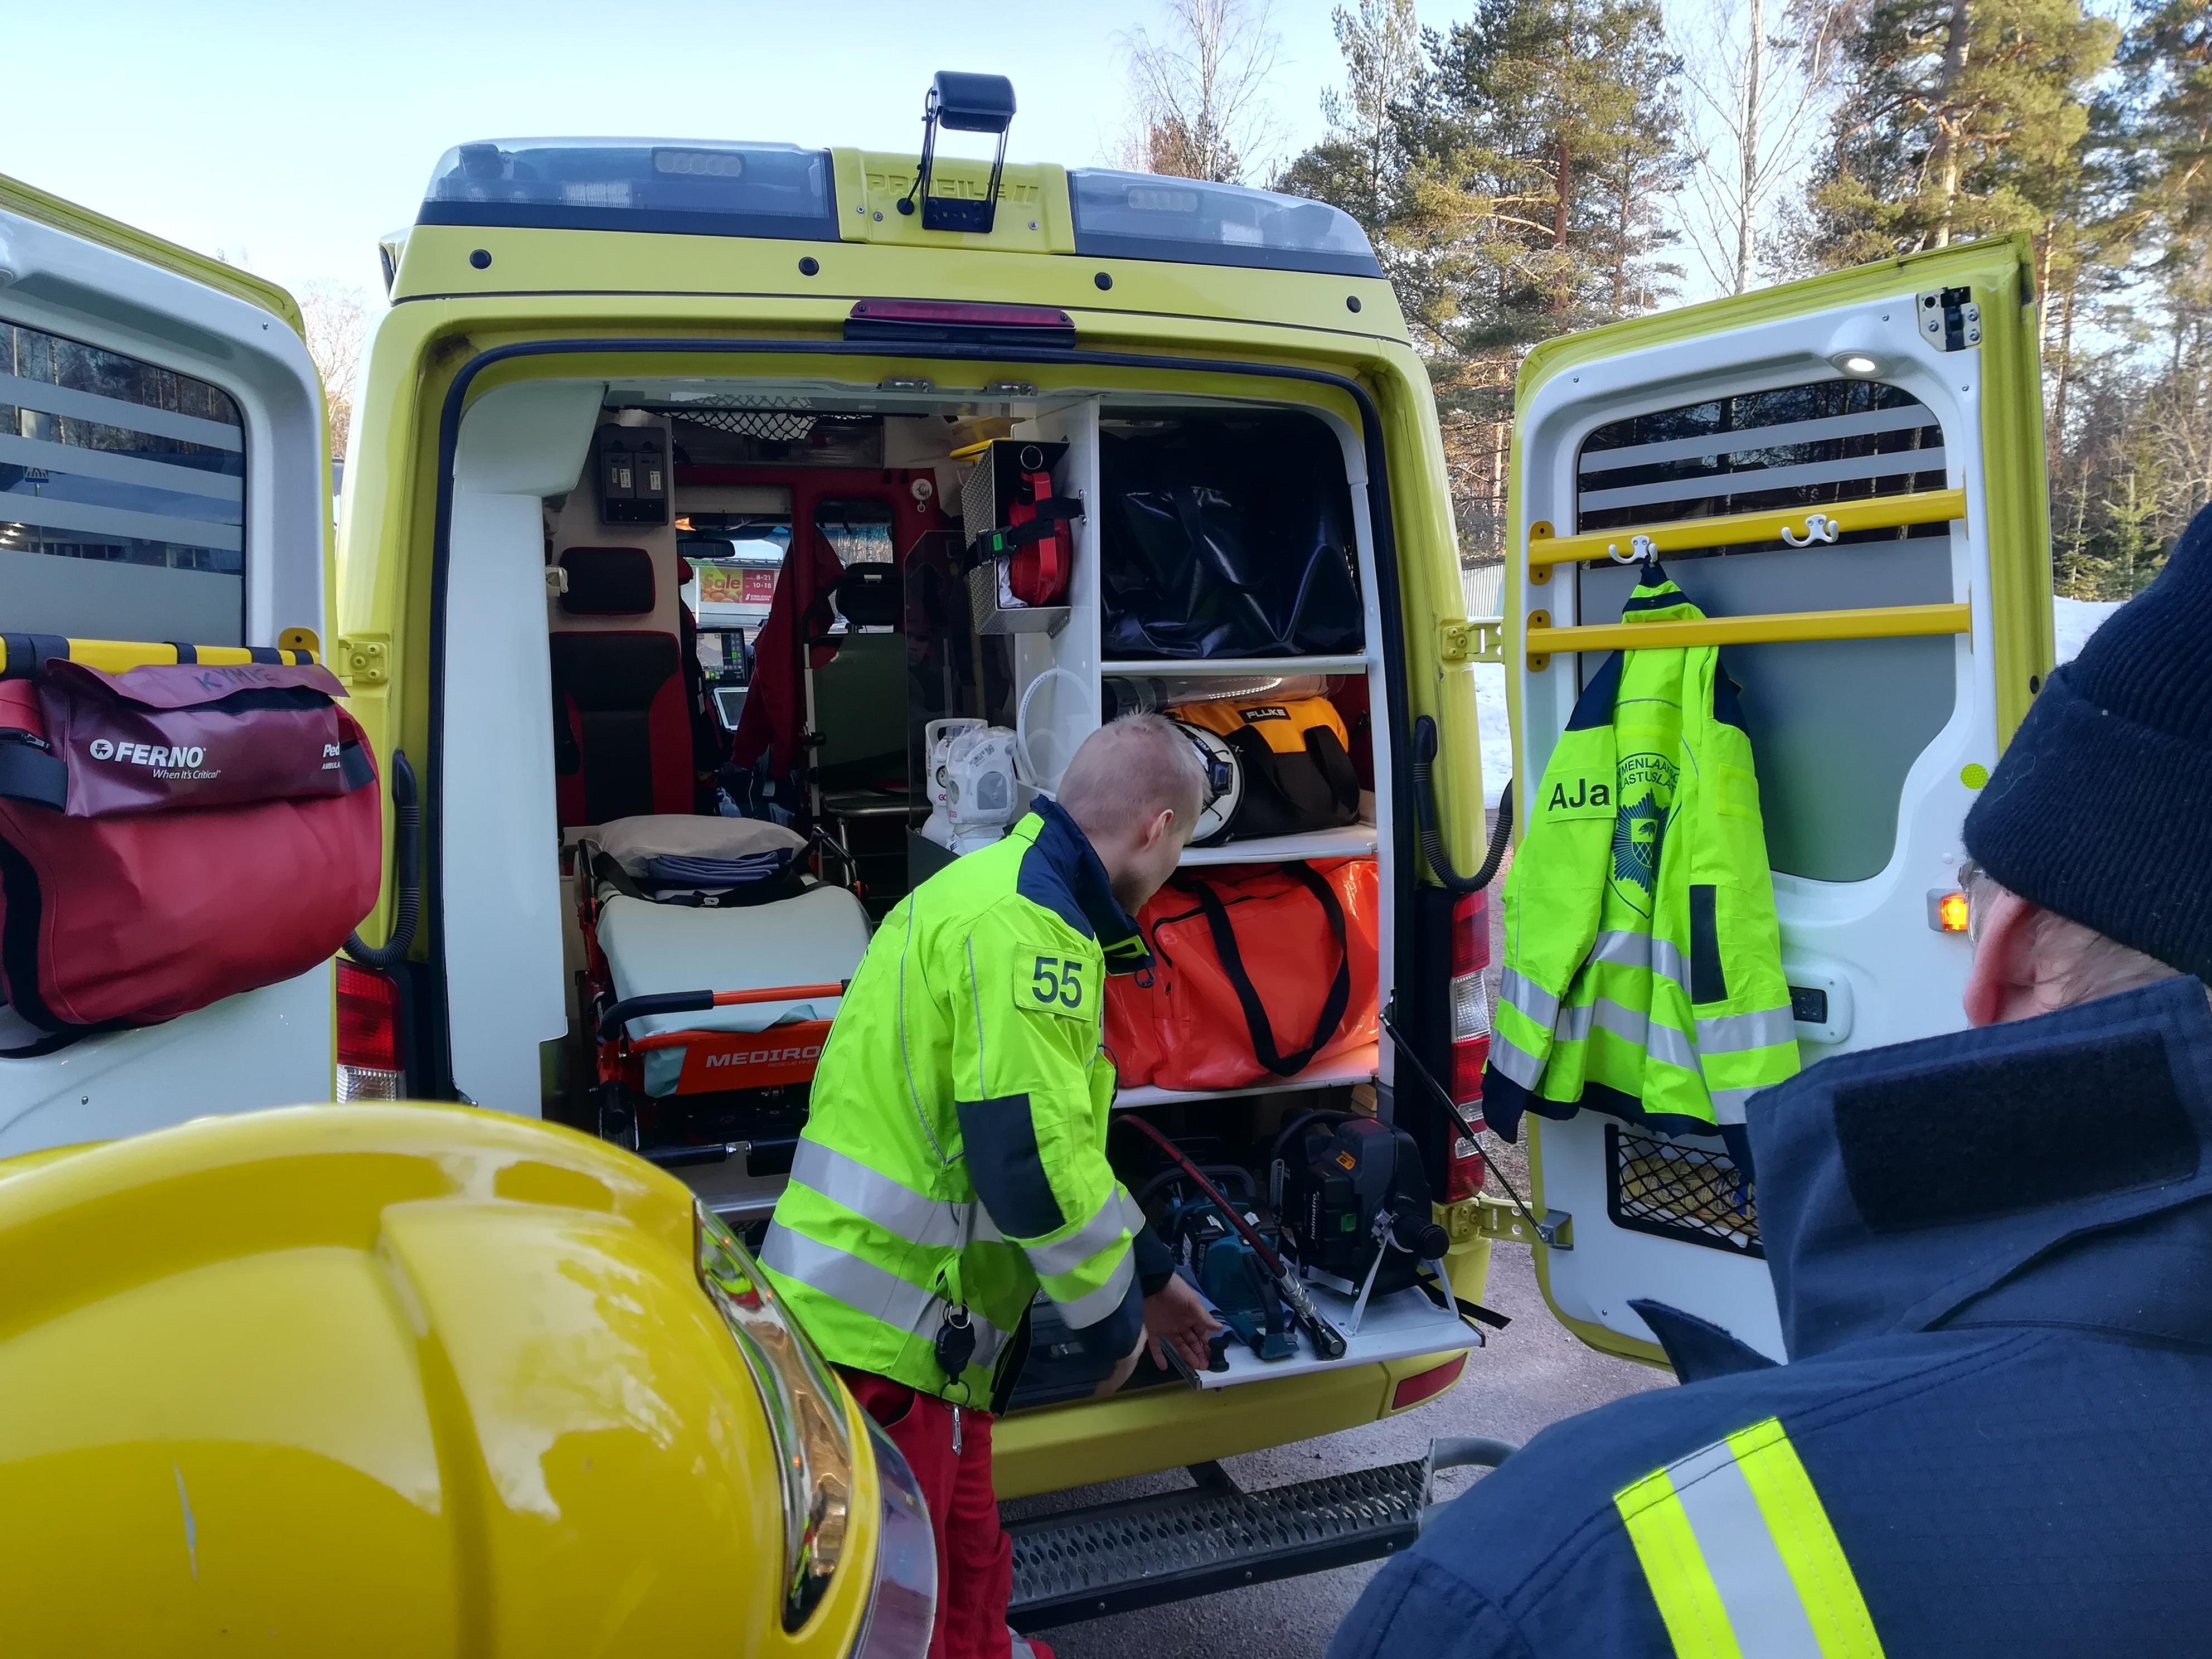 Ambulanssin takaosasta löytyy mm.pintapelastustarvikkeet sekä yhdistelmälevitin ja puukkosaha.